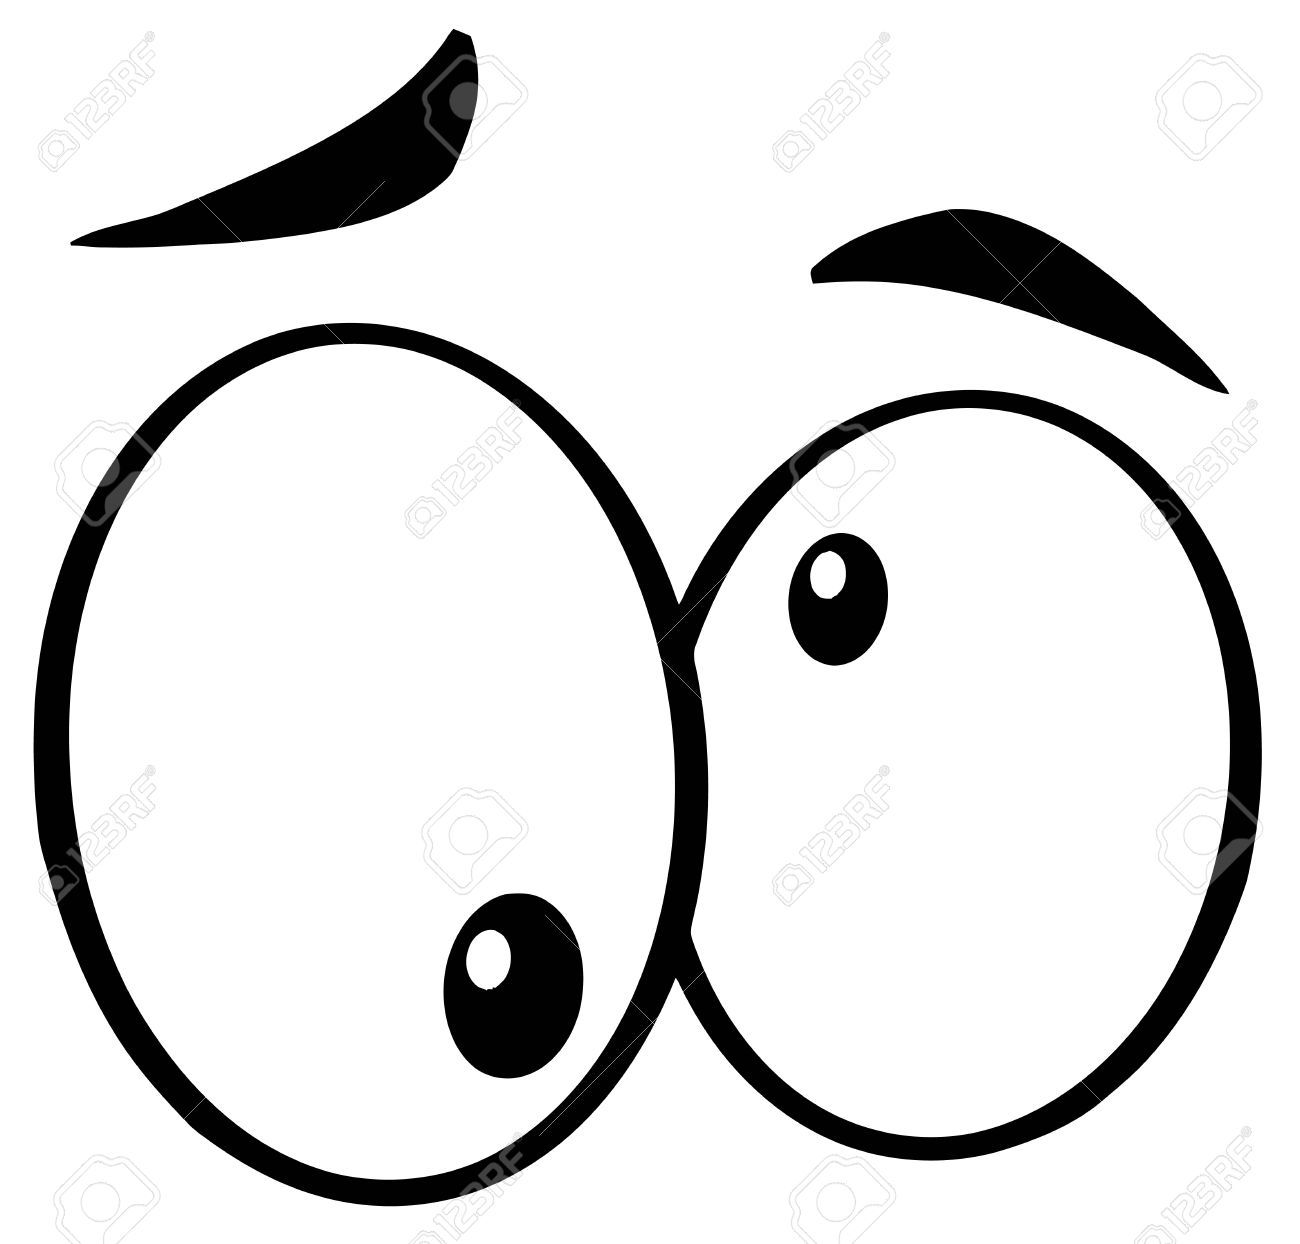 Goofy eyes clipart 1 » Clipart Portal.